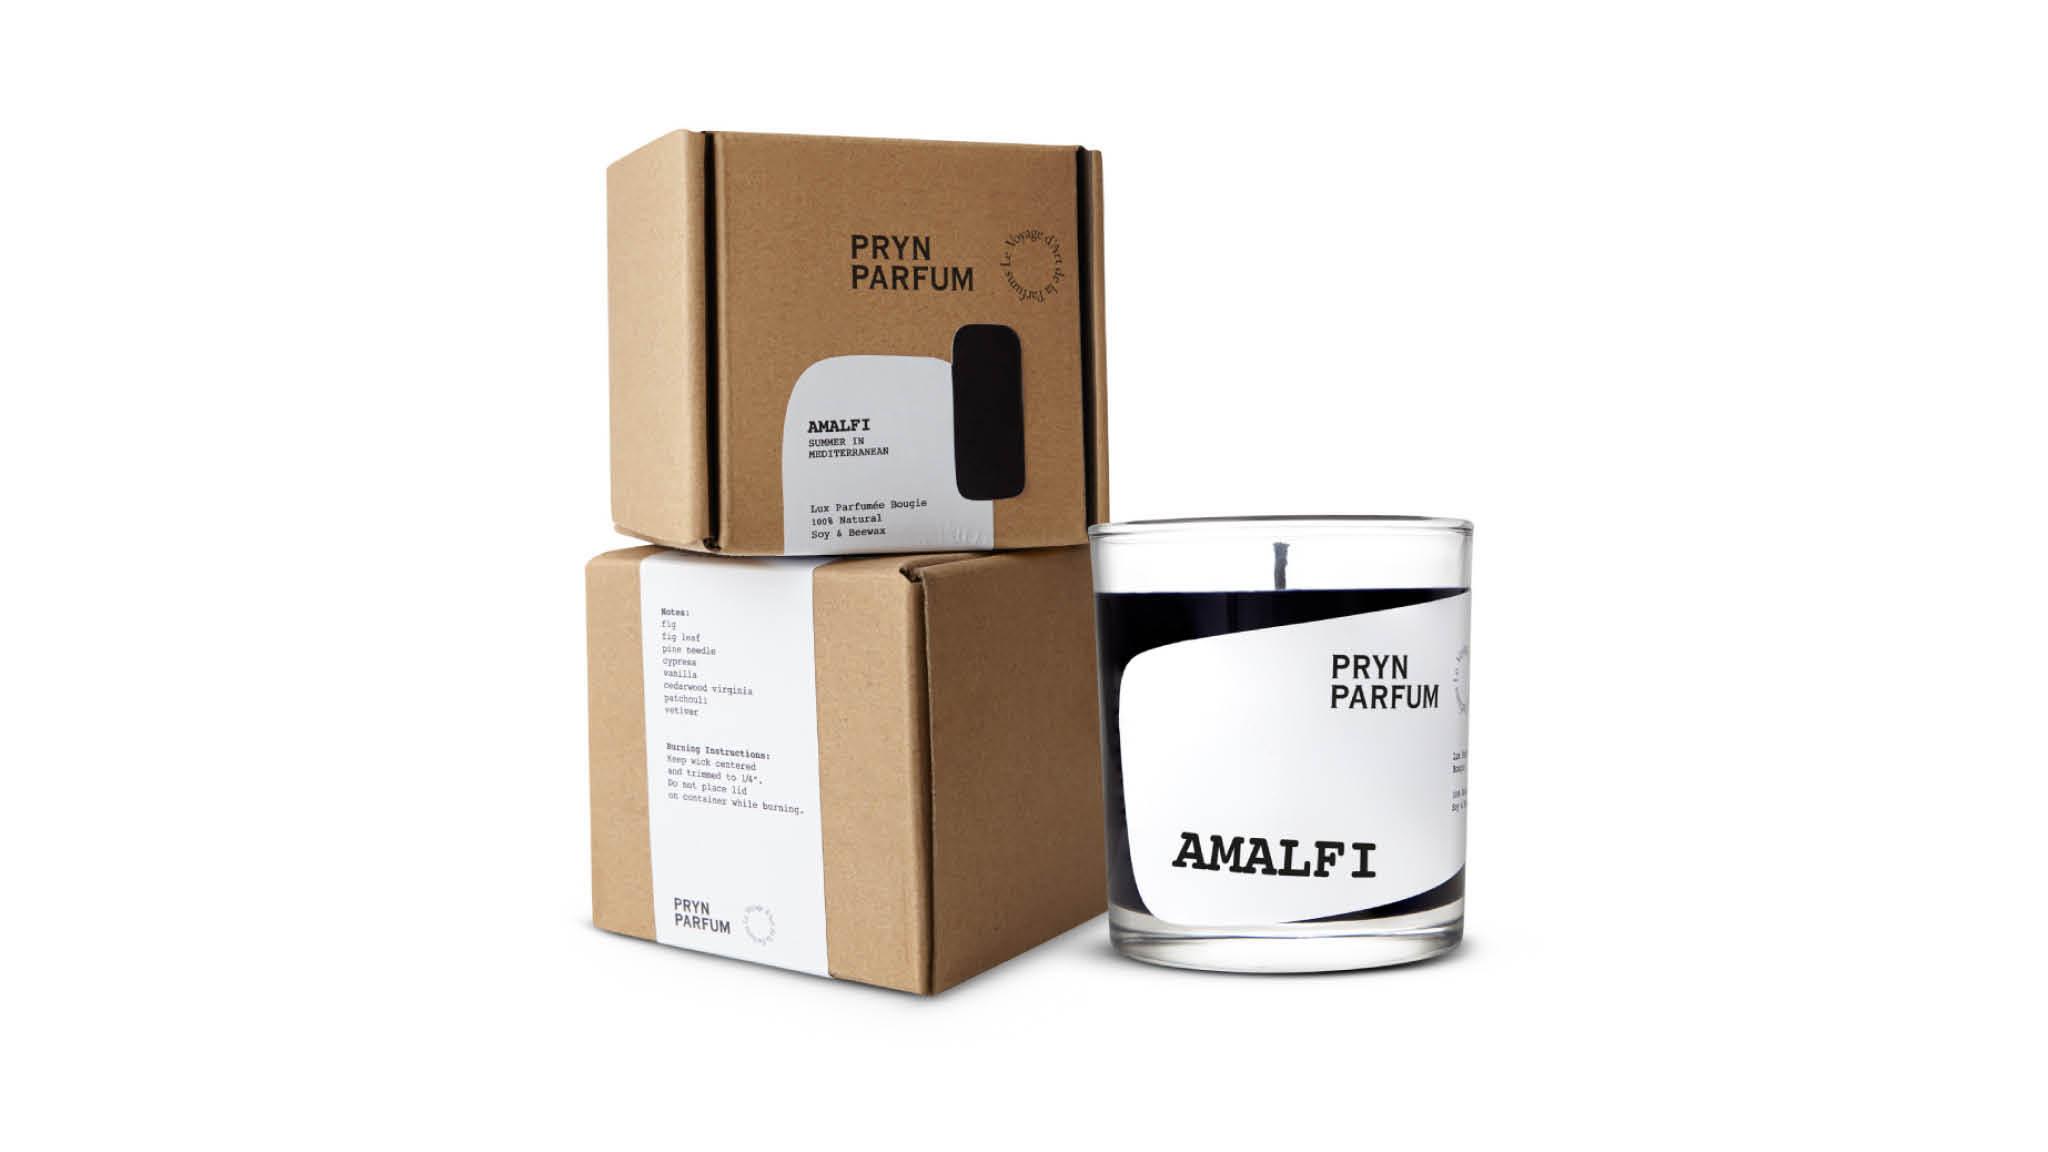 Pryn Parfum